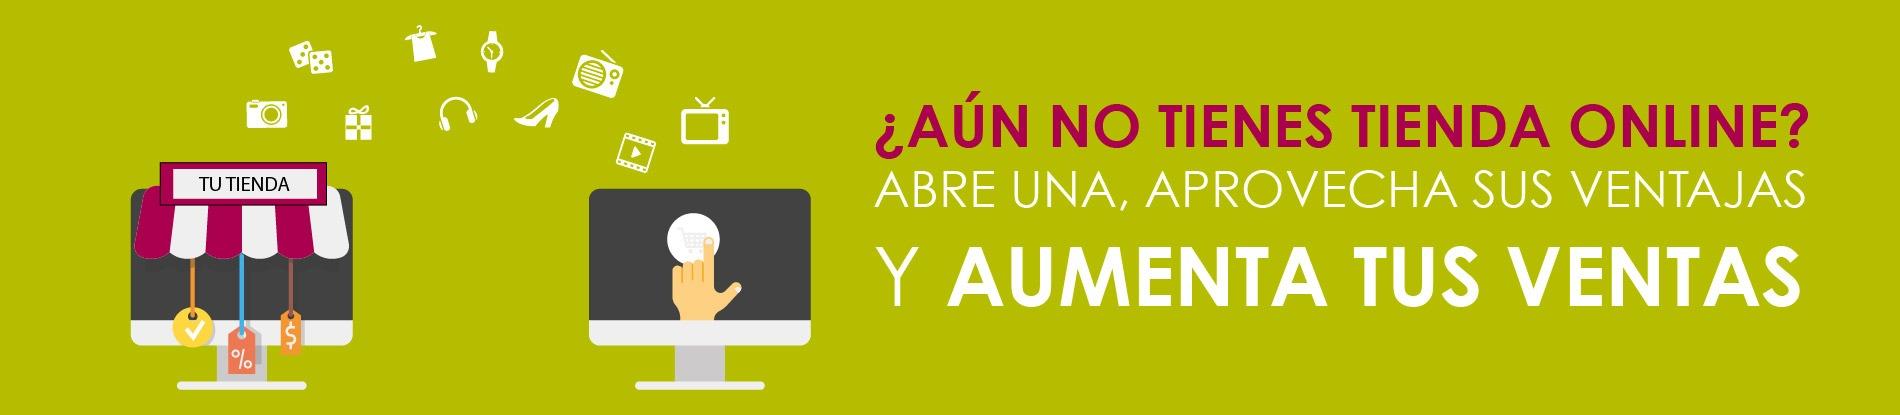 banner-aun-no-tienes-tienda-online